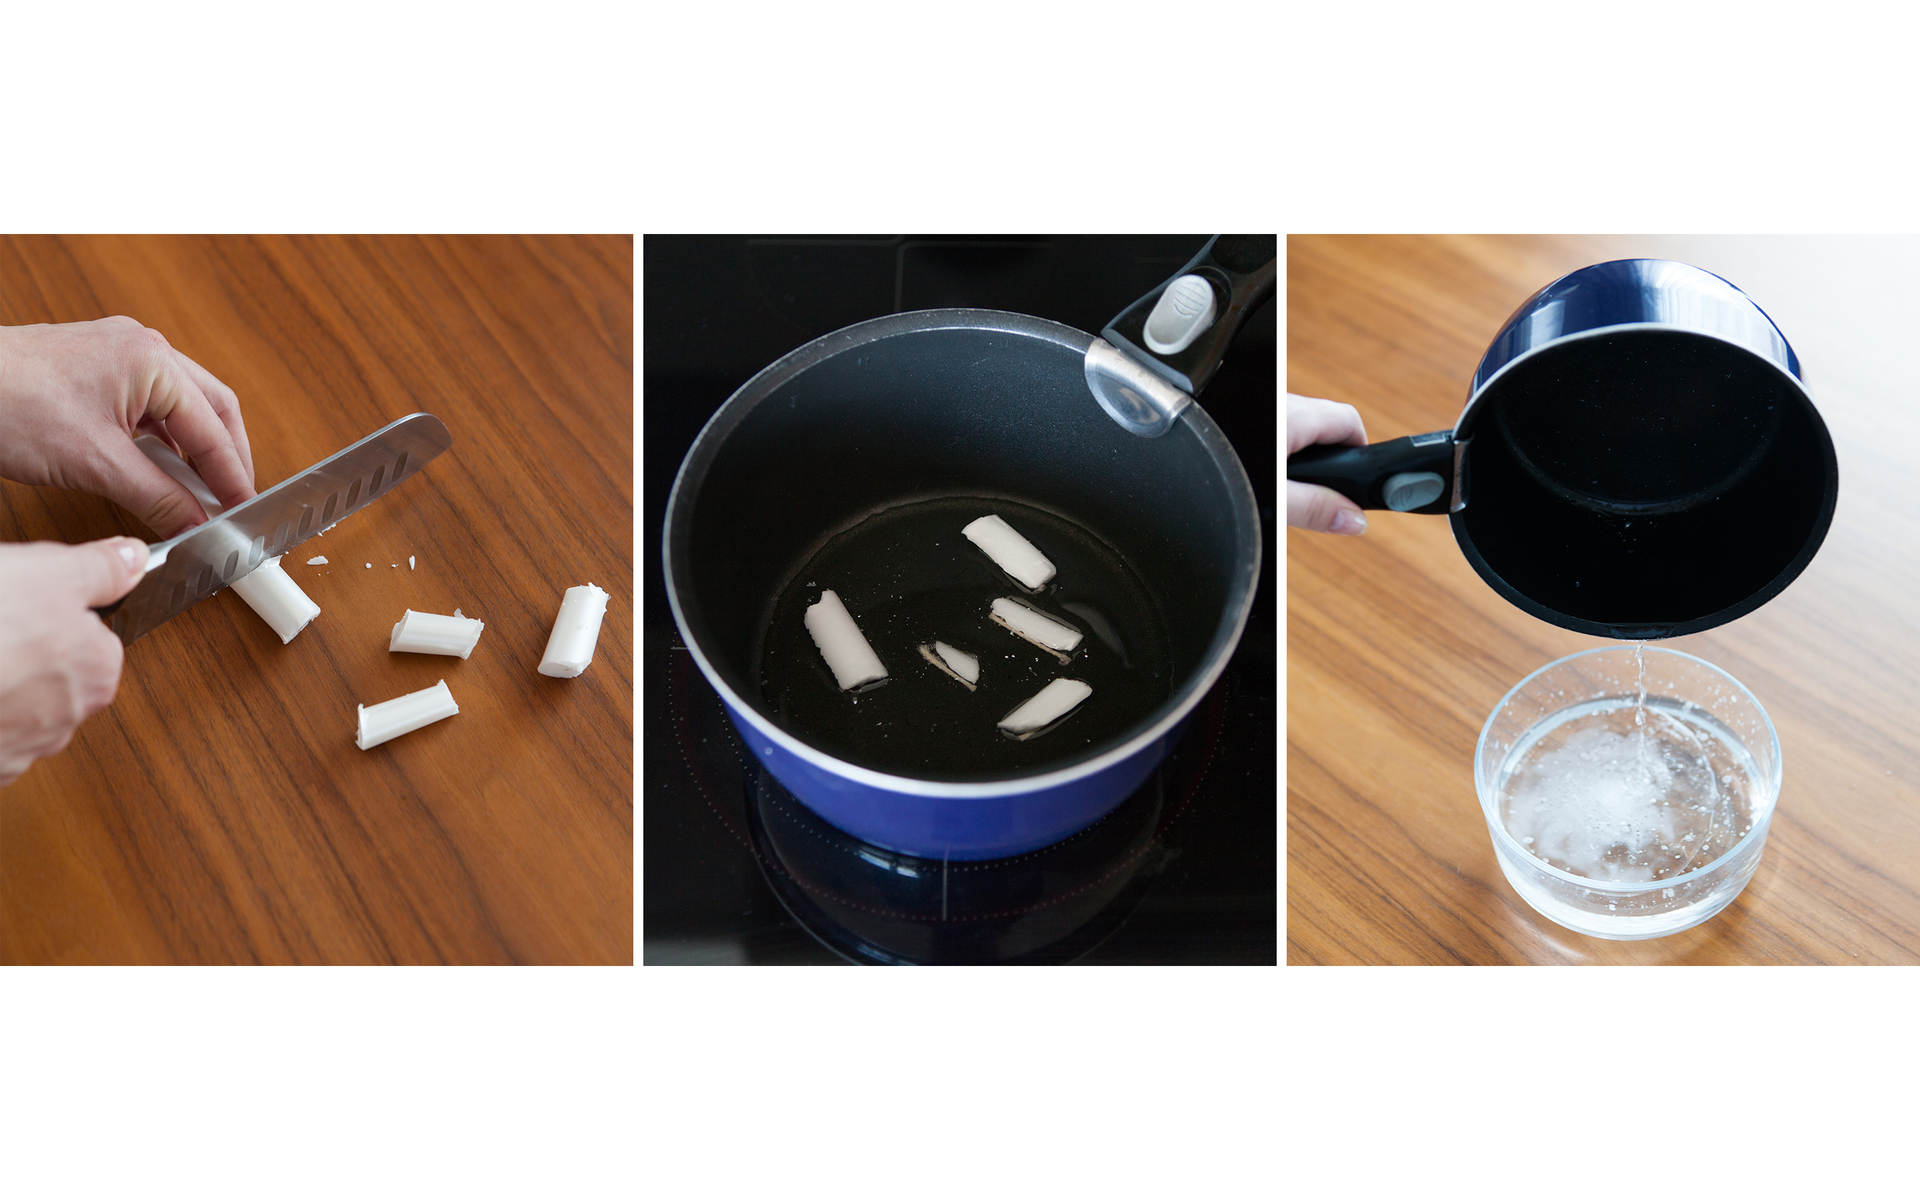 Ilustracja prezentuje trzy zdjęcia umieszczone obok siebie. Na pierwszym od lewej prezentowany jest proces cięcia świecy na drobne kawałki. Na środkowym kawałki te podgrzewane są wrondelku na płycie kuchennej. Trzecie zdjęcie ilustruje przelanie całkowicie roztopionego wosku do przezroczystego naczynia zwodą. Wwodzie widać smugi ponownie zestalonej substancji.